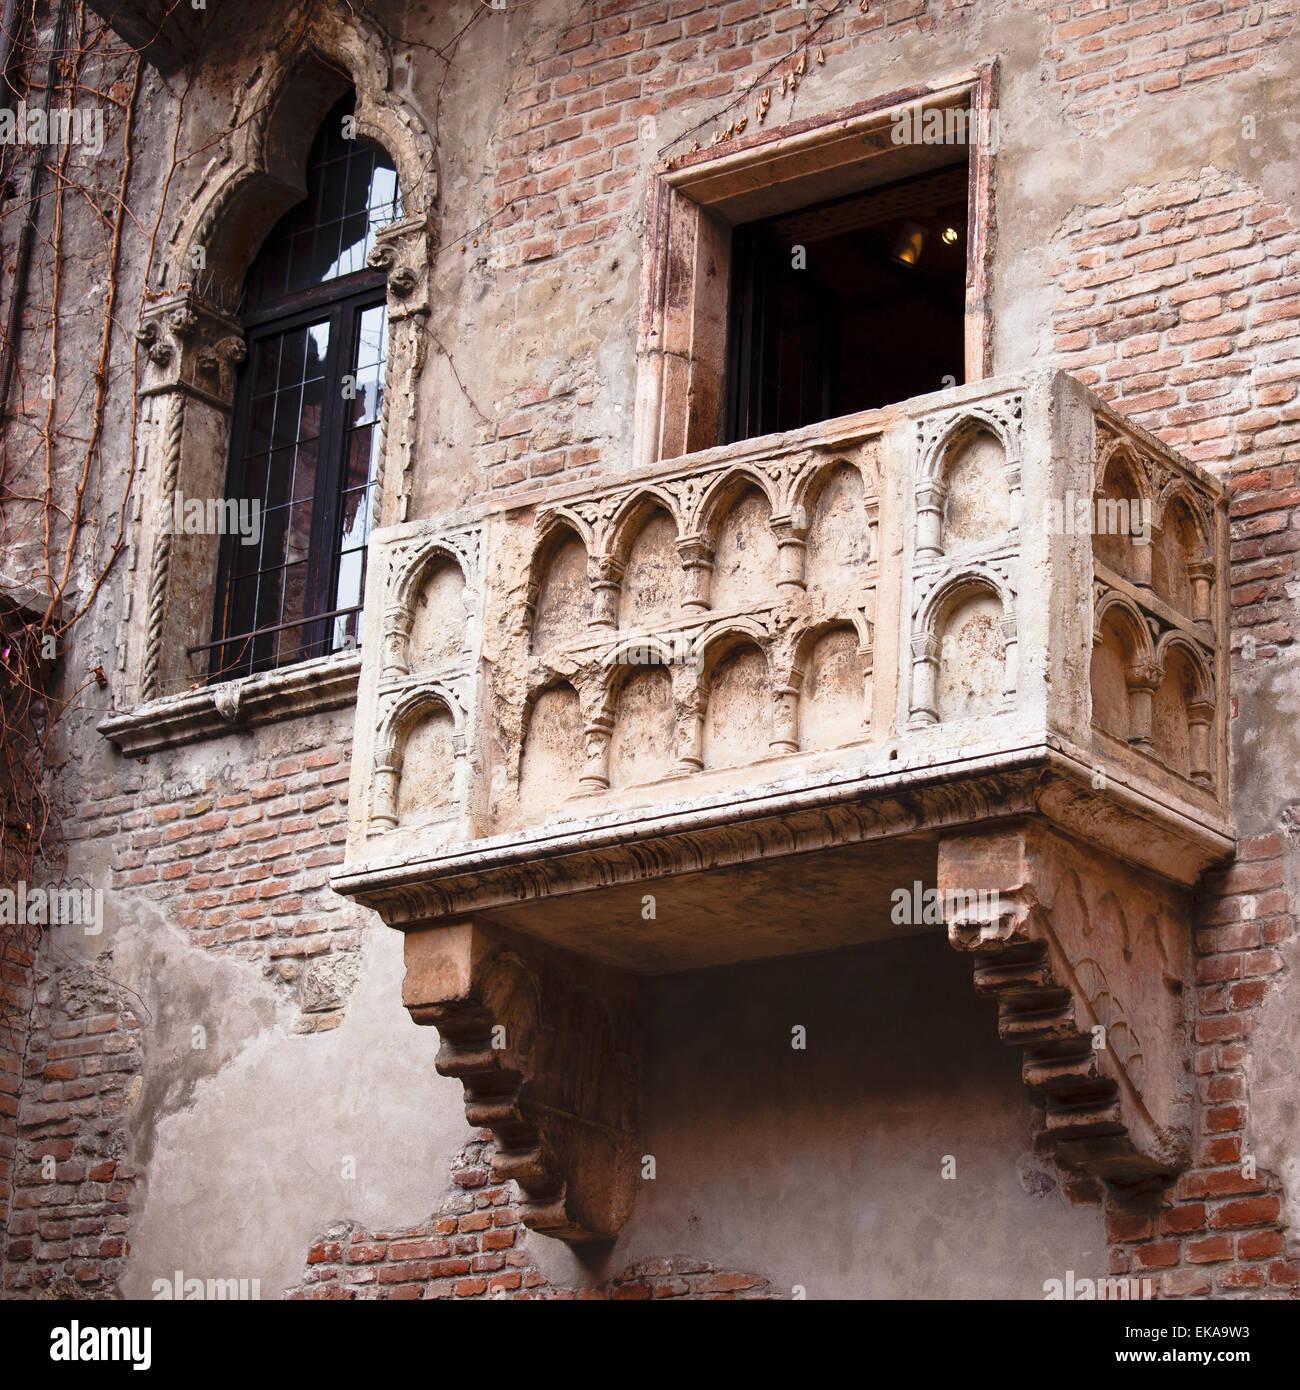 Romeo Und Julia Balkon In Verona Italien Stockfoto Bild 80747215